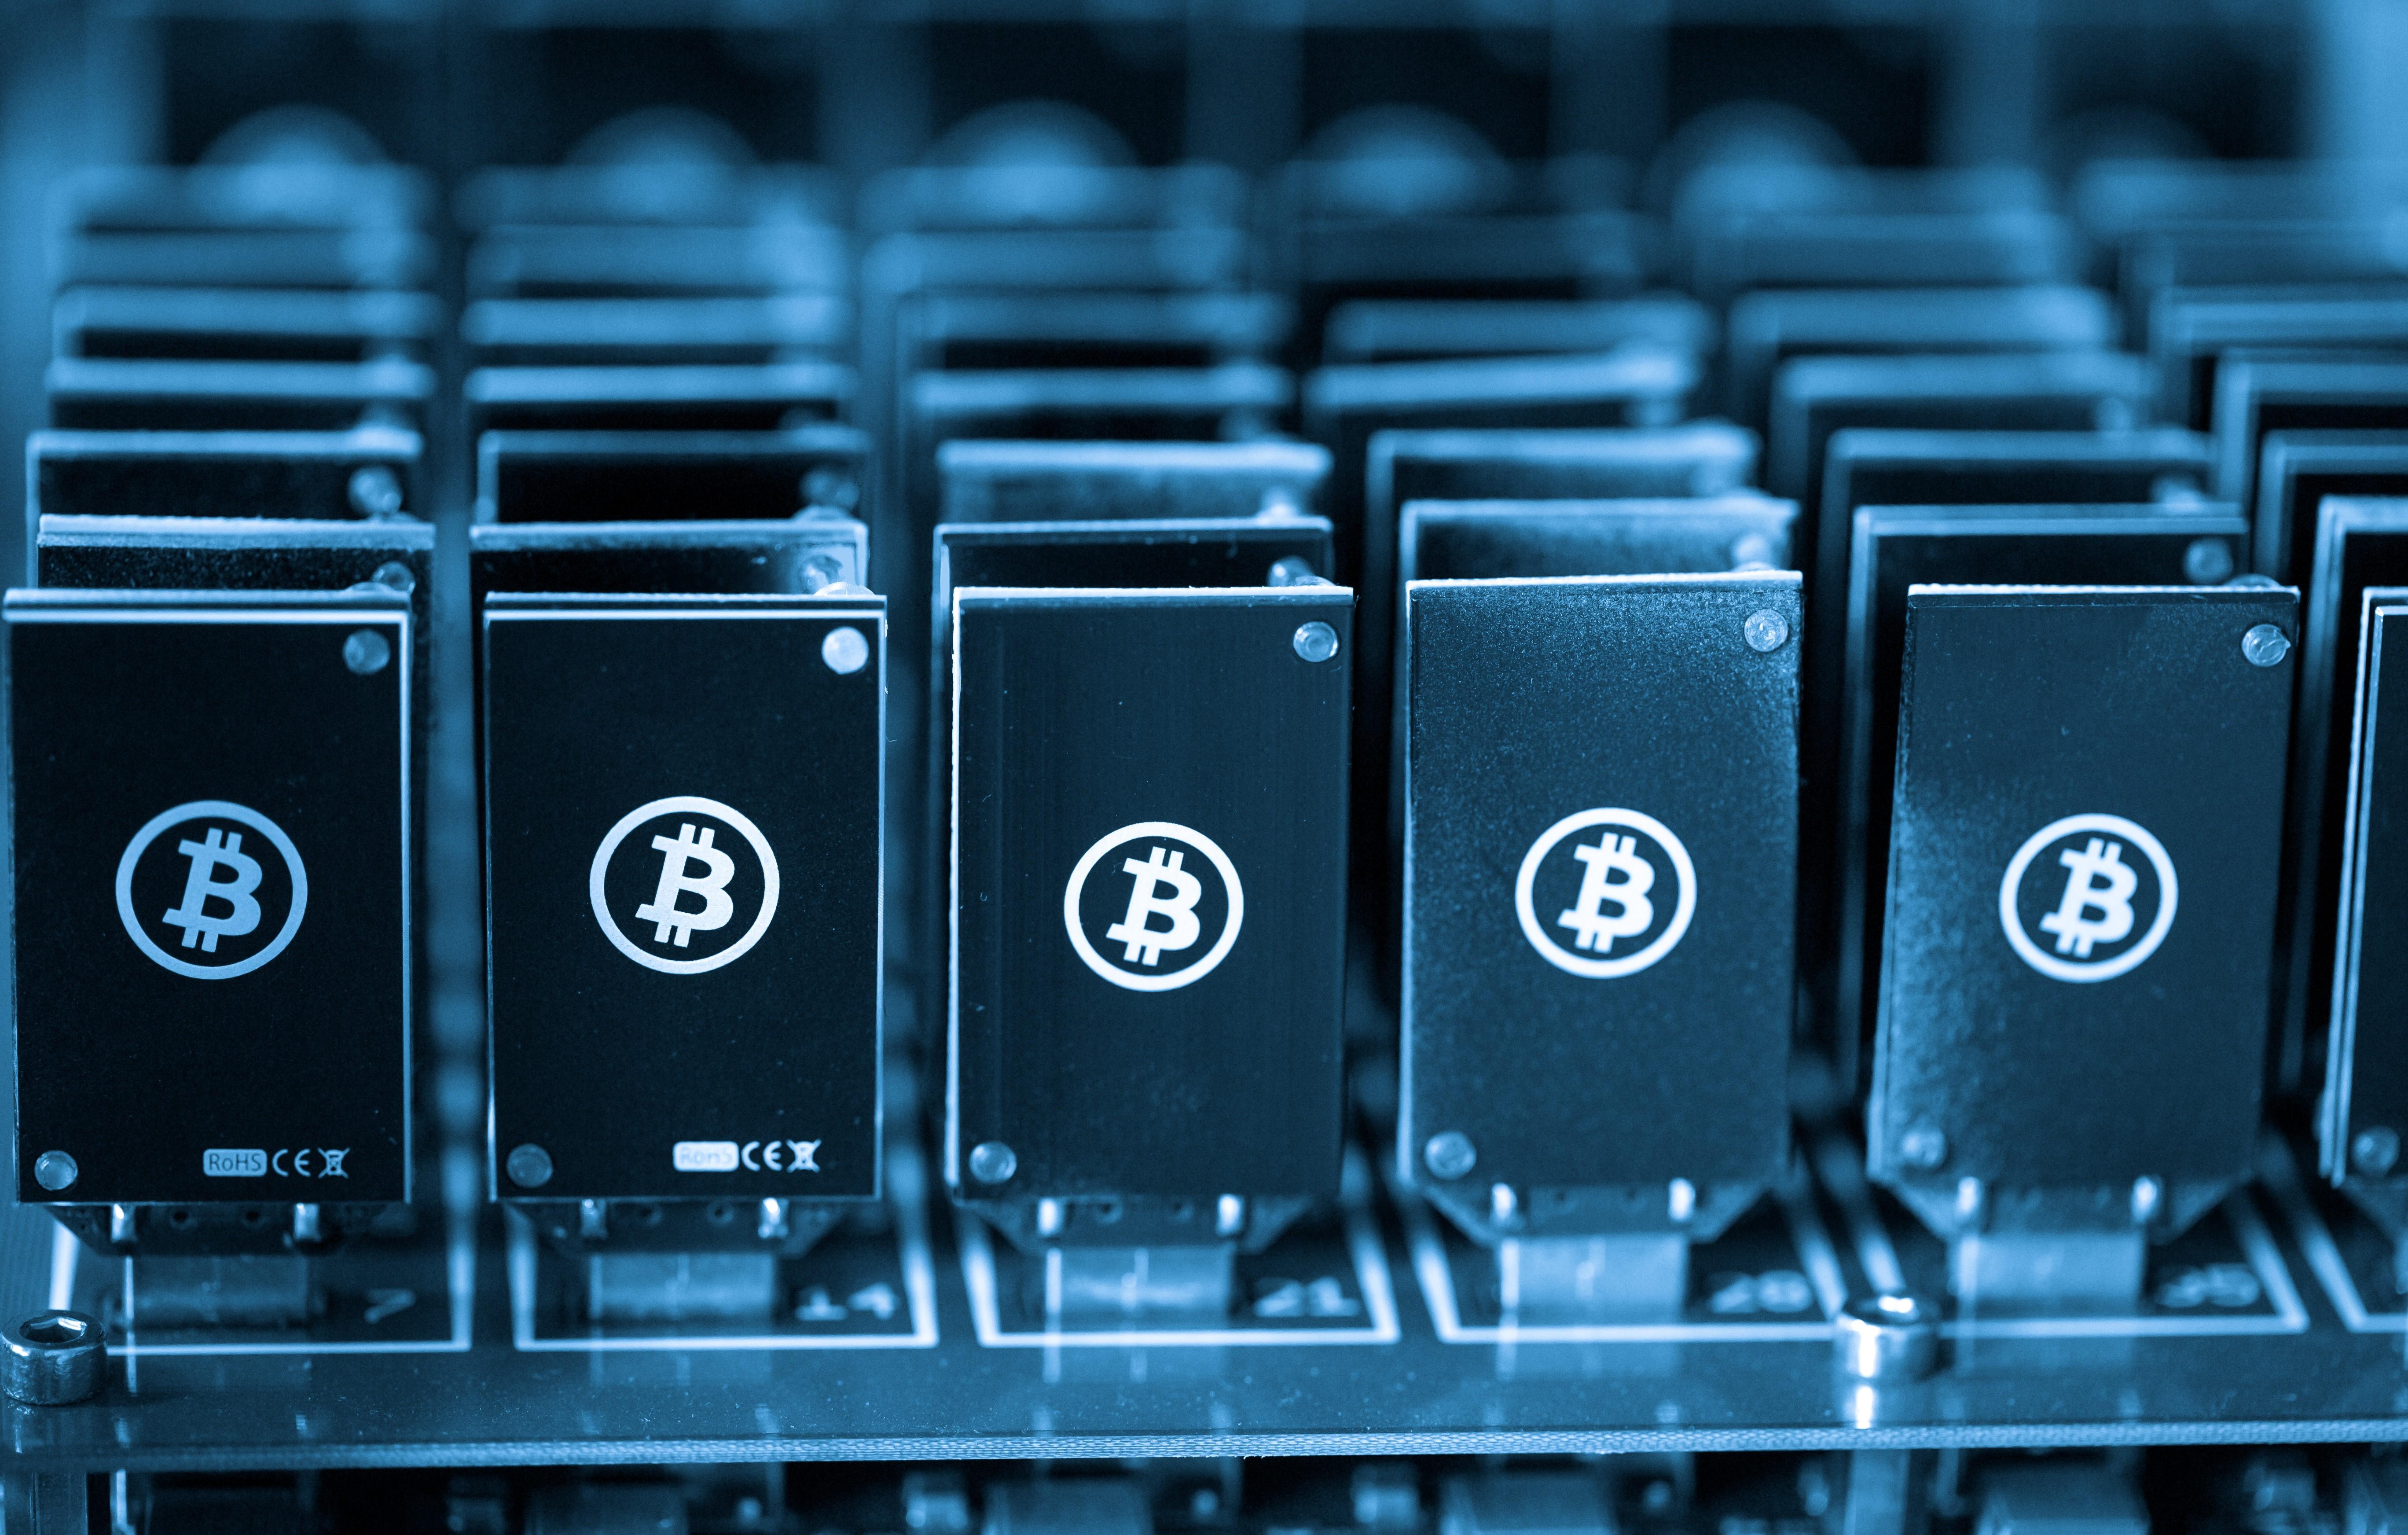 قیمت بیت کوین در آینده چطور پیش بینی شده است؟